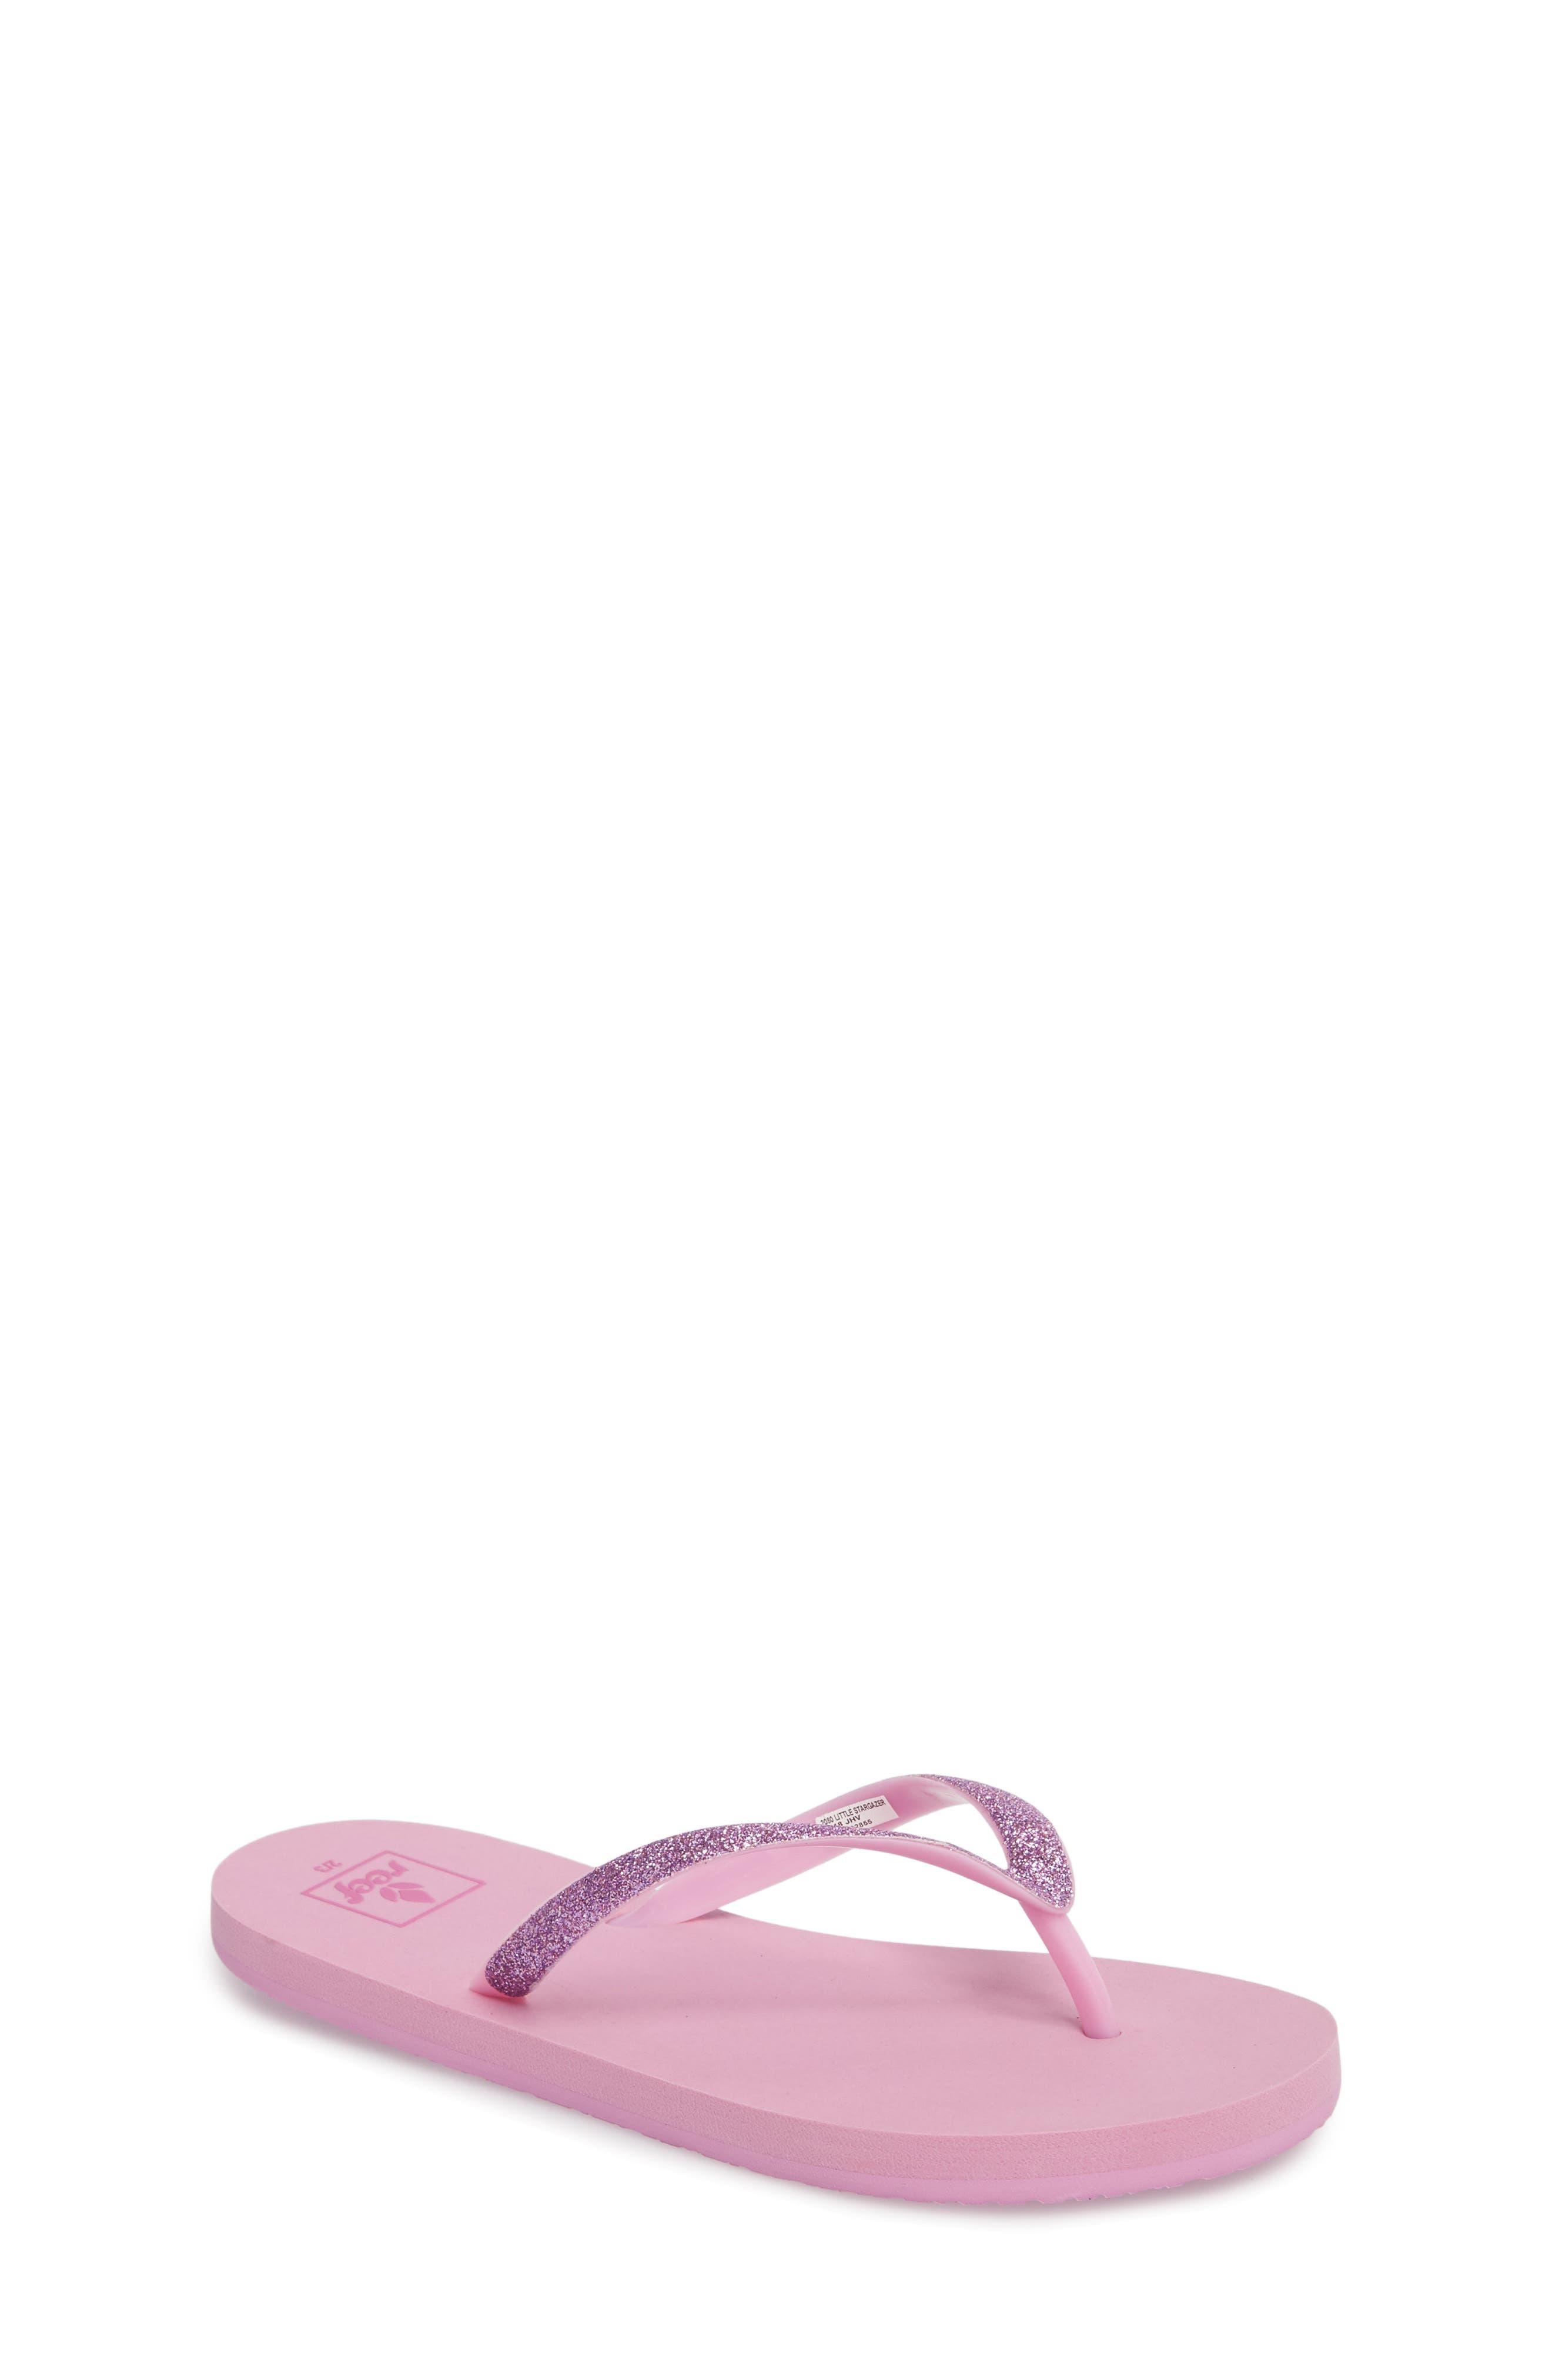 Little Stargazer Glitter Sandal,                             Main thumbnail 1, color,                             LAVENDER